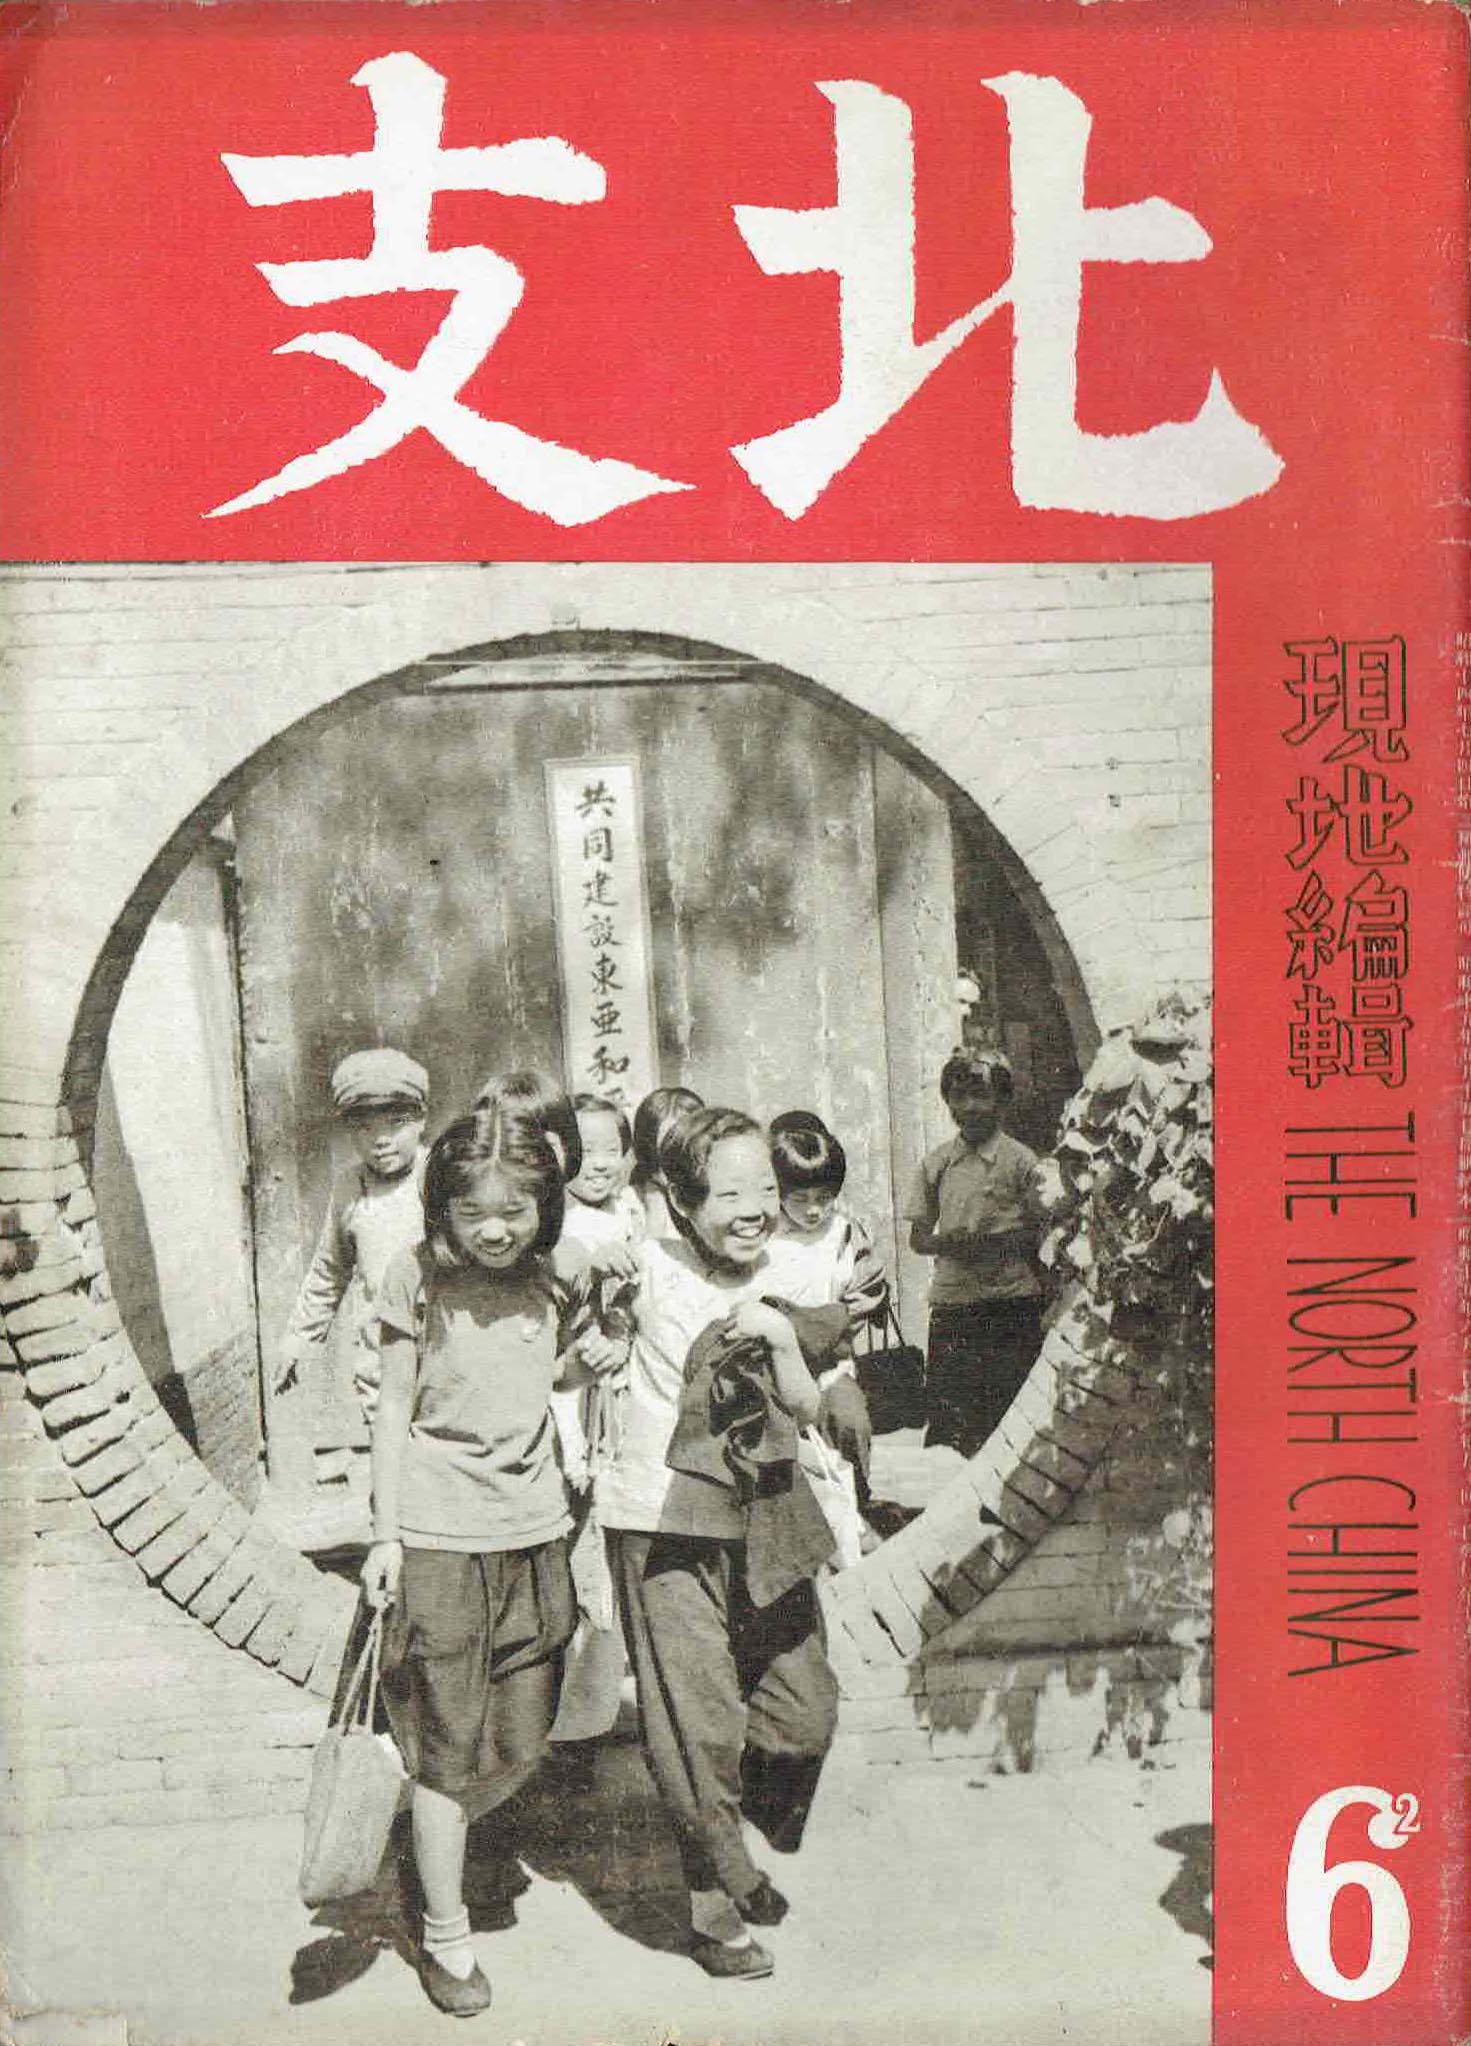 満洲・朝鮮・台湾・樺太の古書買取なら黒崎書店